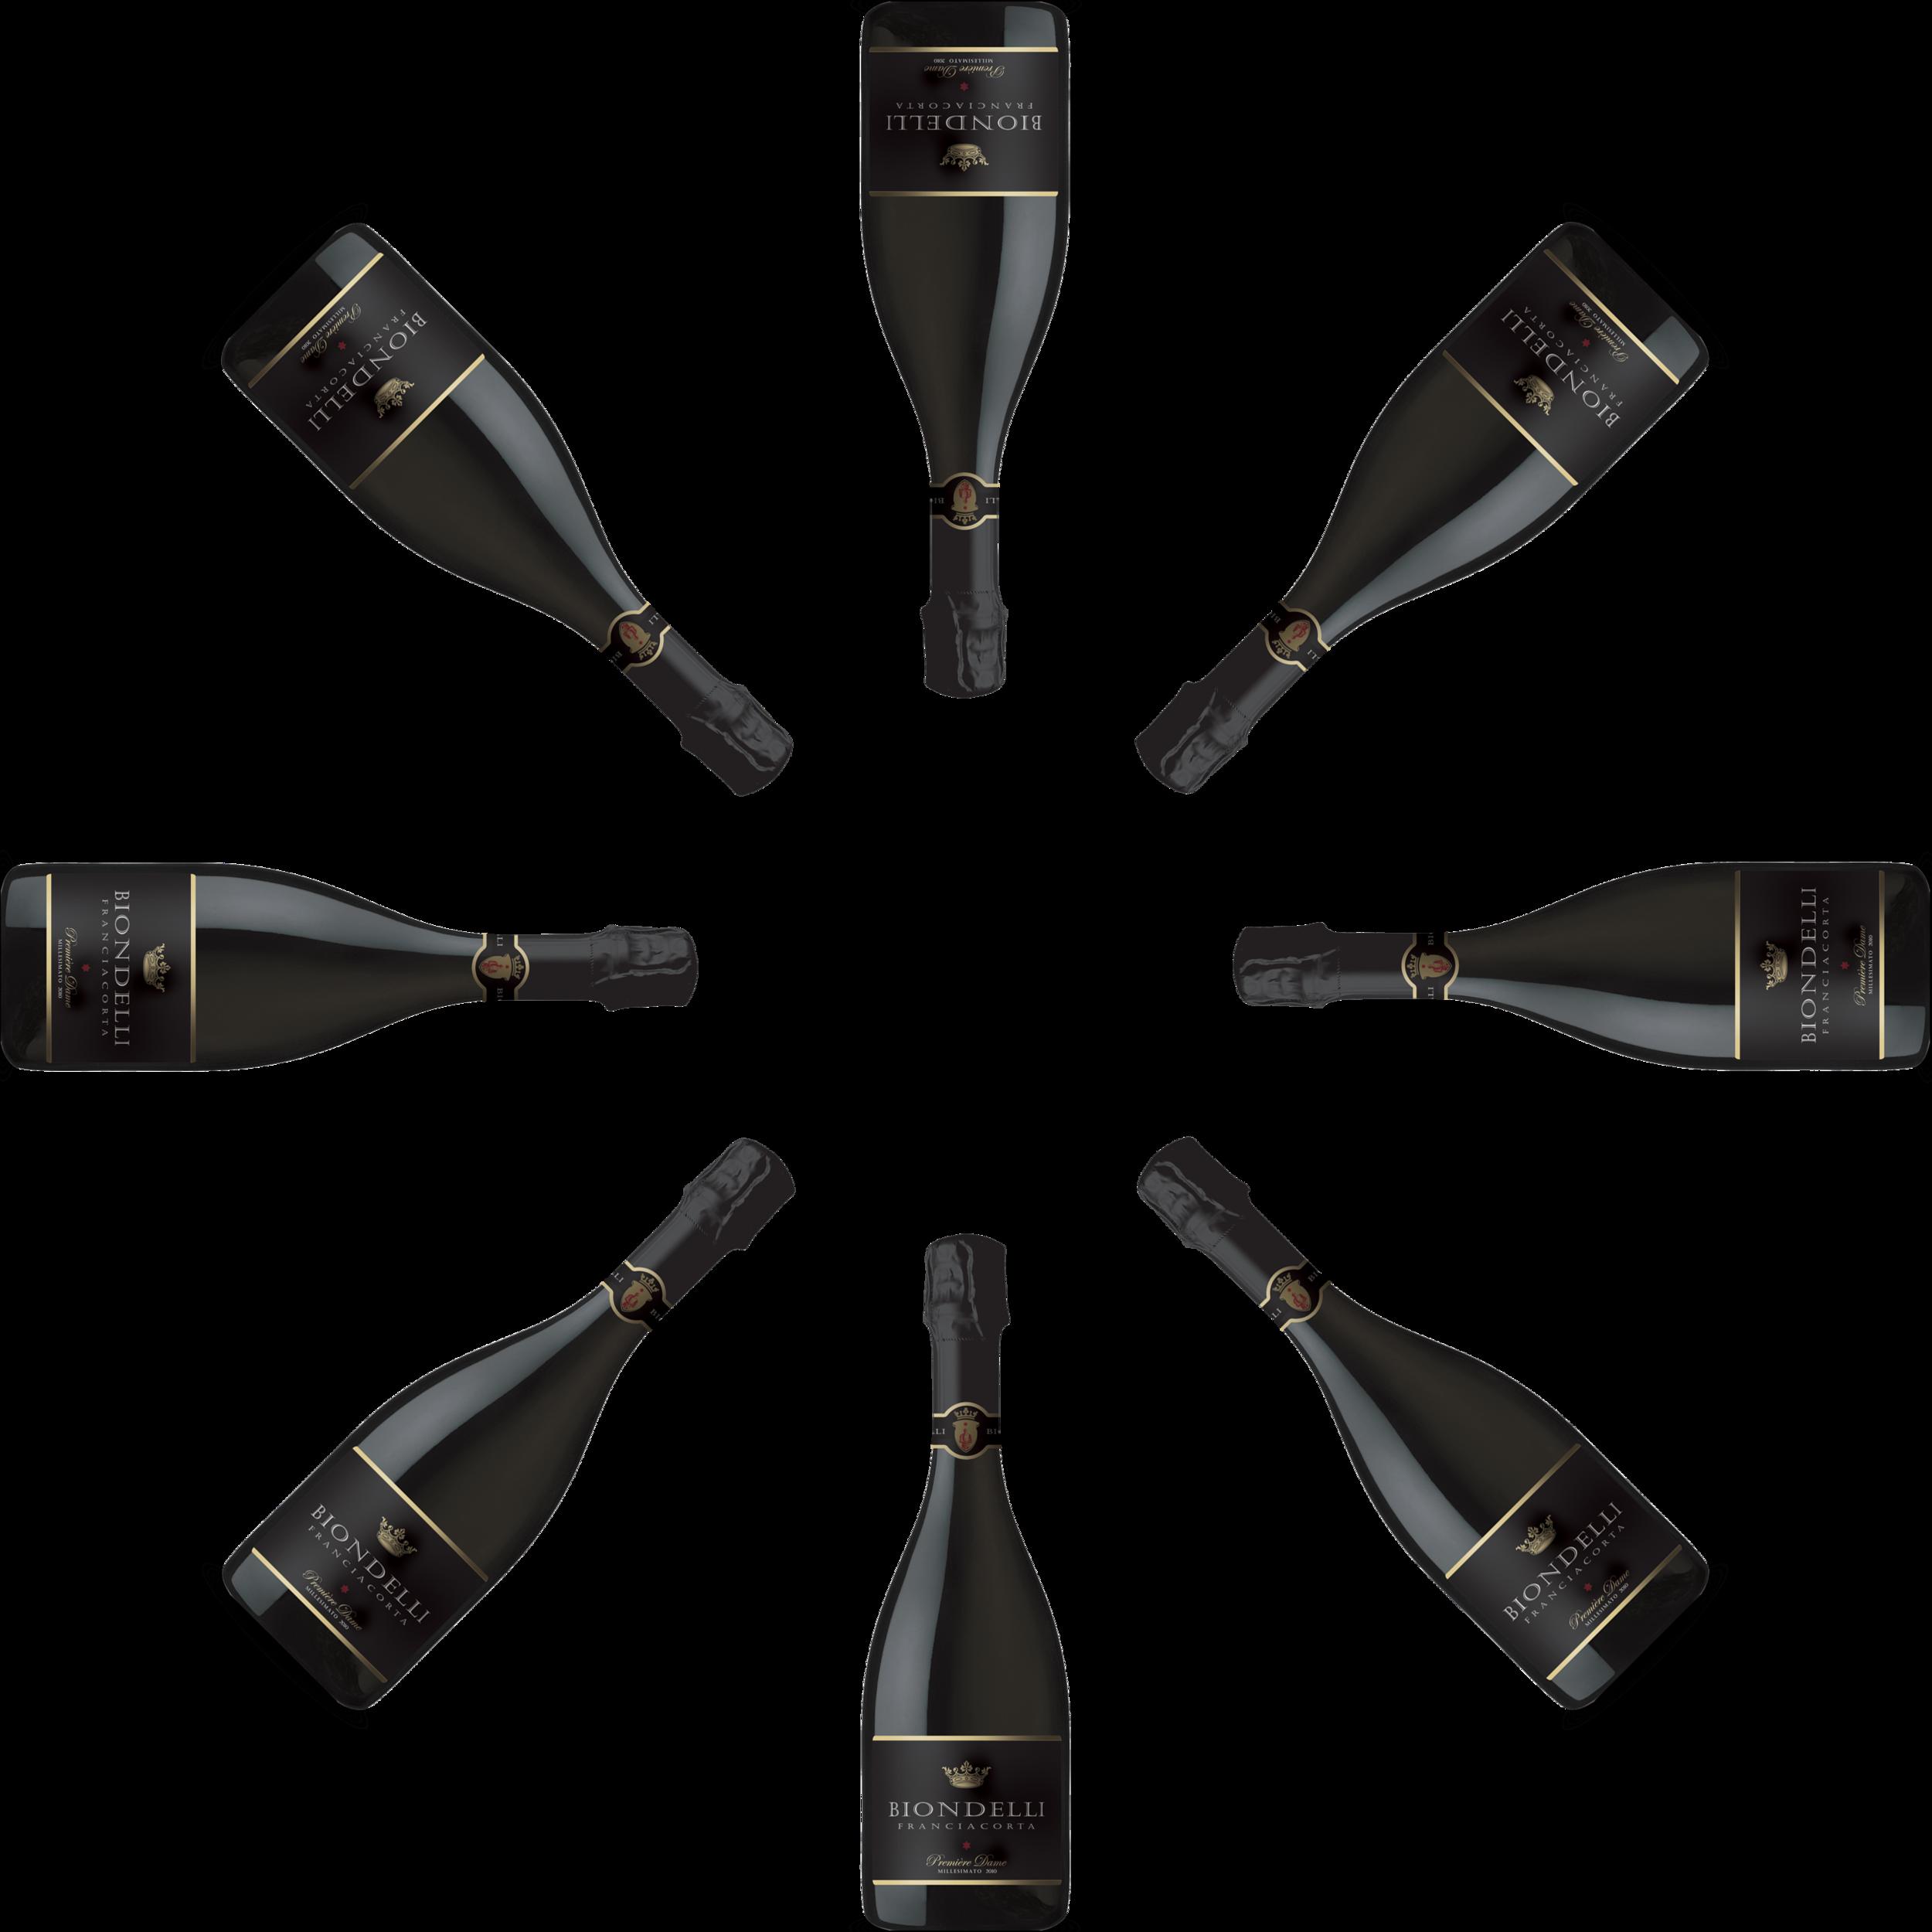 stella bottiglie millesimato.png